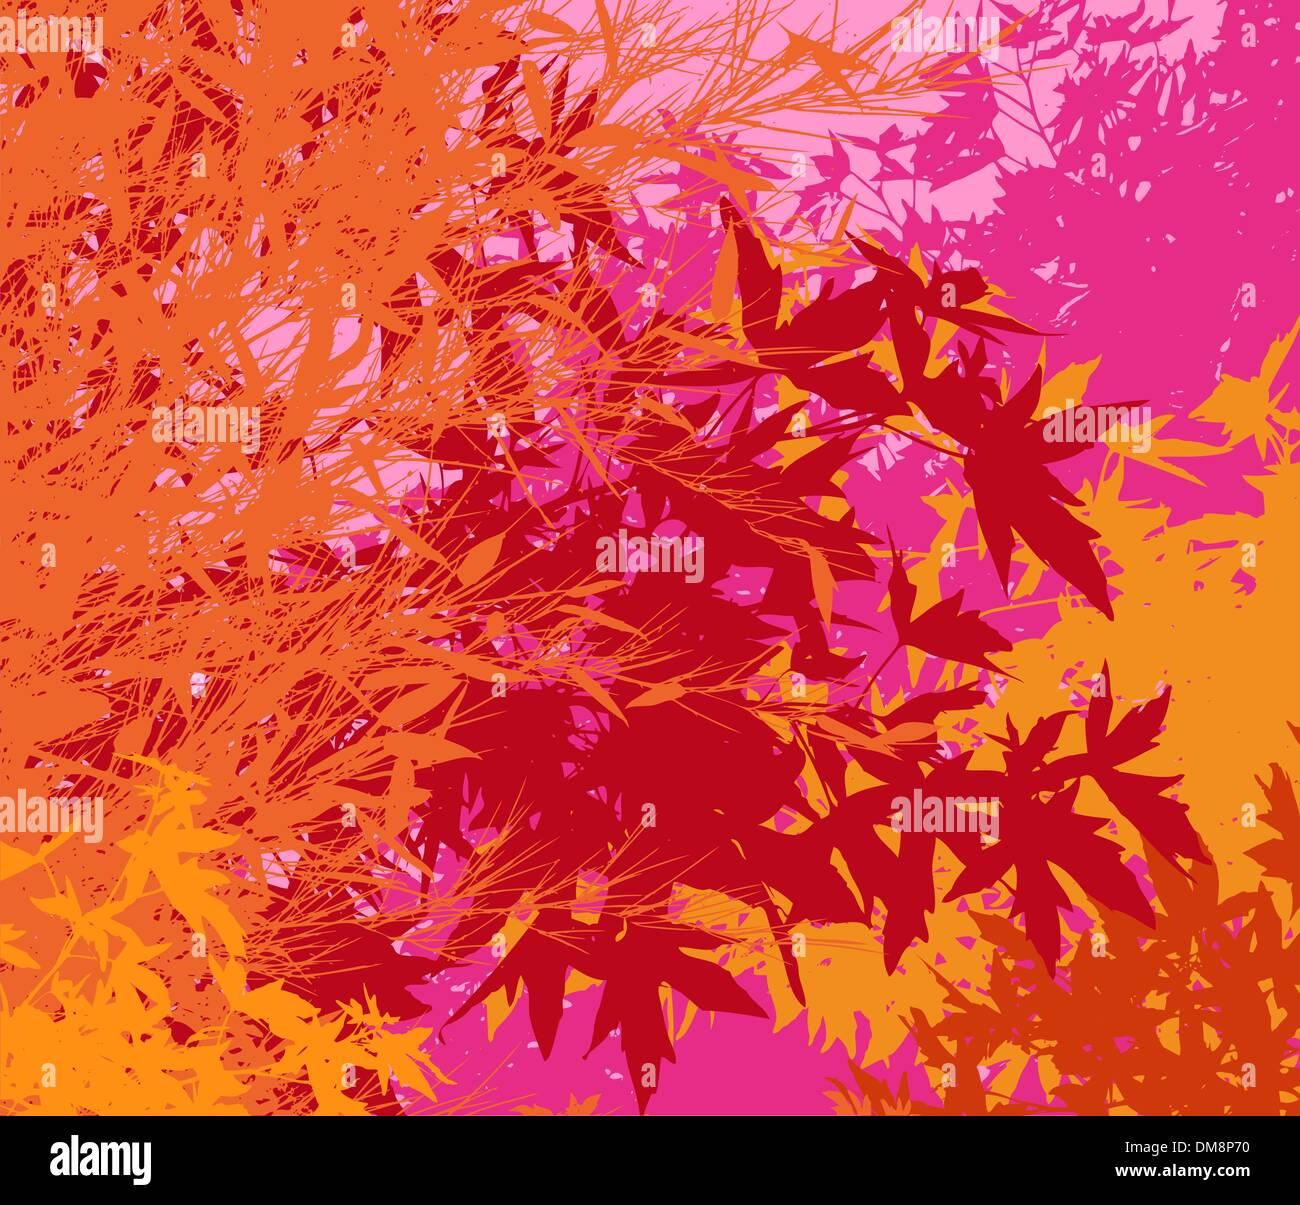 Paysage coloré de feuillage - Vector illustration pop - Les différents graphiques sont sur des calques distincts pour qu'ils puissent être facilement Photo Stock